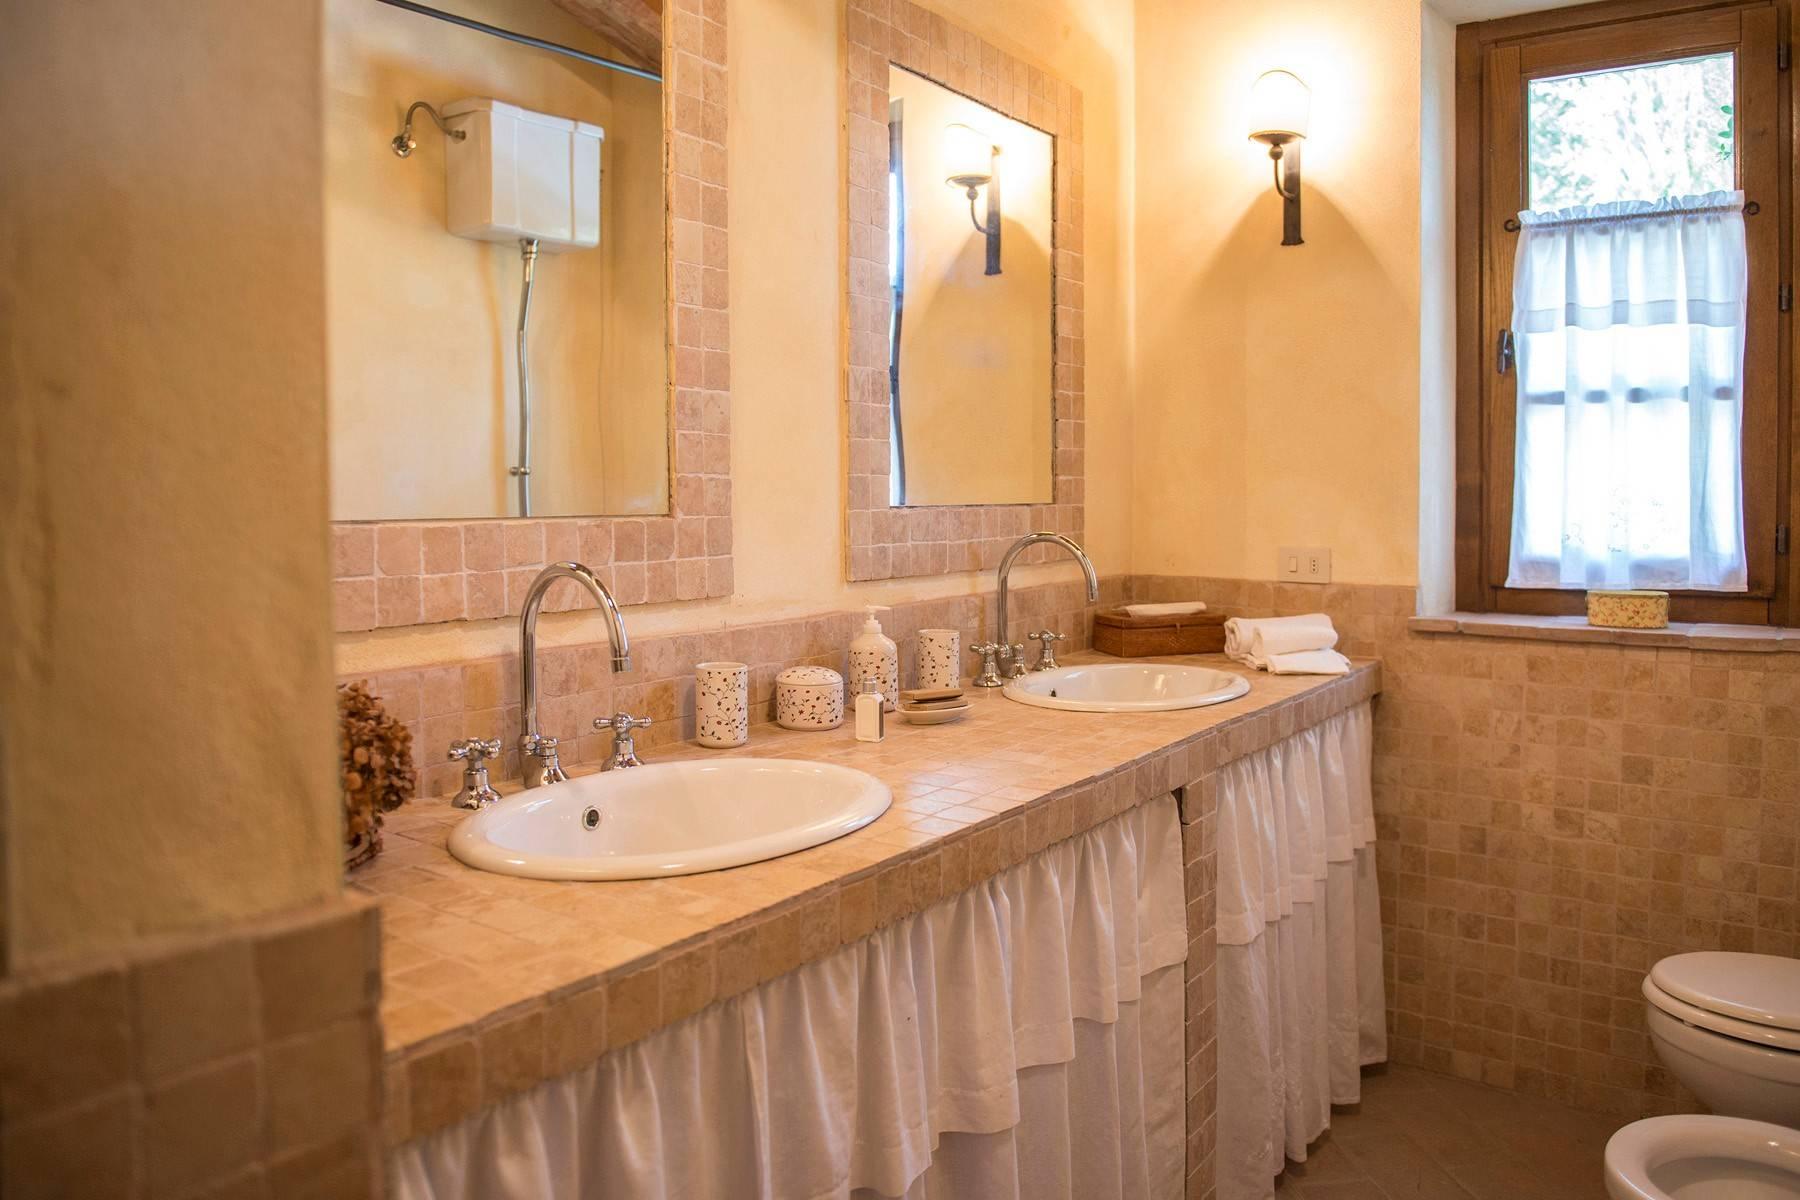 Villa in Vendita a Citta' Della Pieve: 5 locali, 350 mq - Foto 24